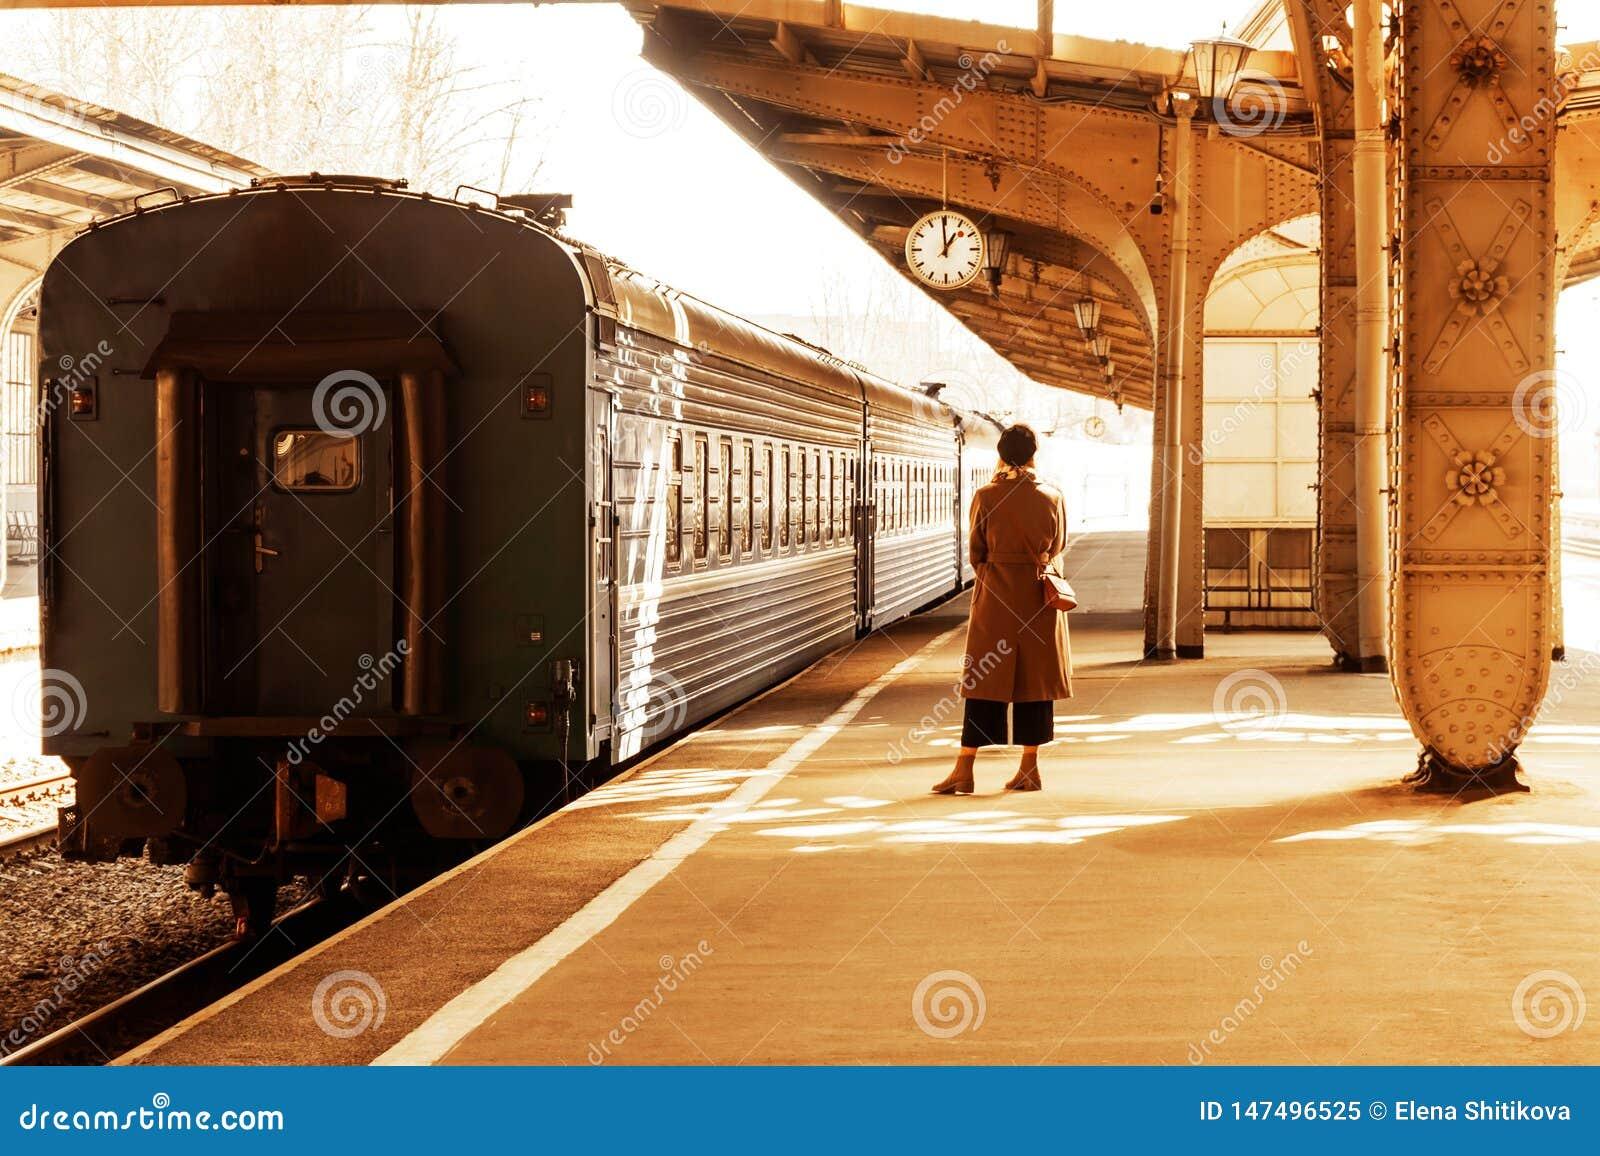 Eine junge Frau steht auf der Plattform unter der Bahnhofsuhr